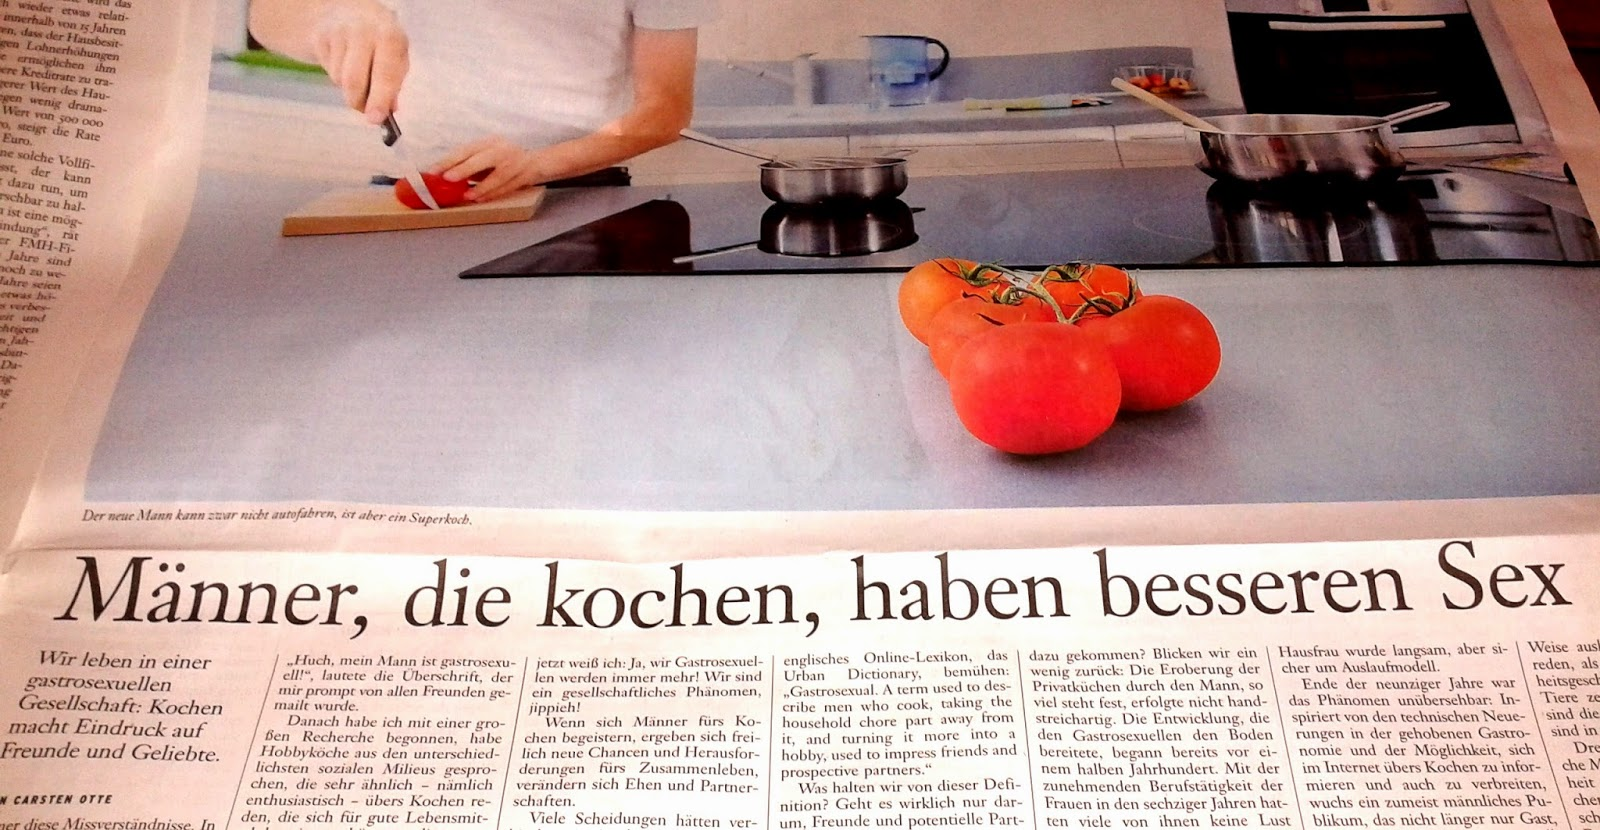 frankfurter allgemeine sonntagszeitung, kochen, sex